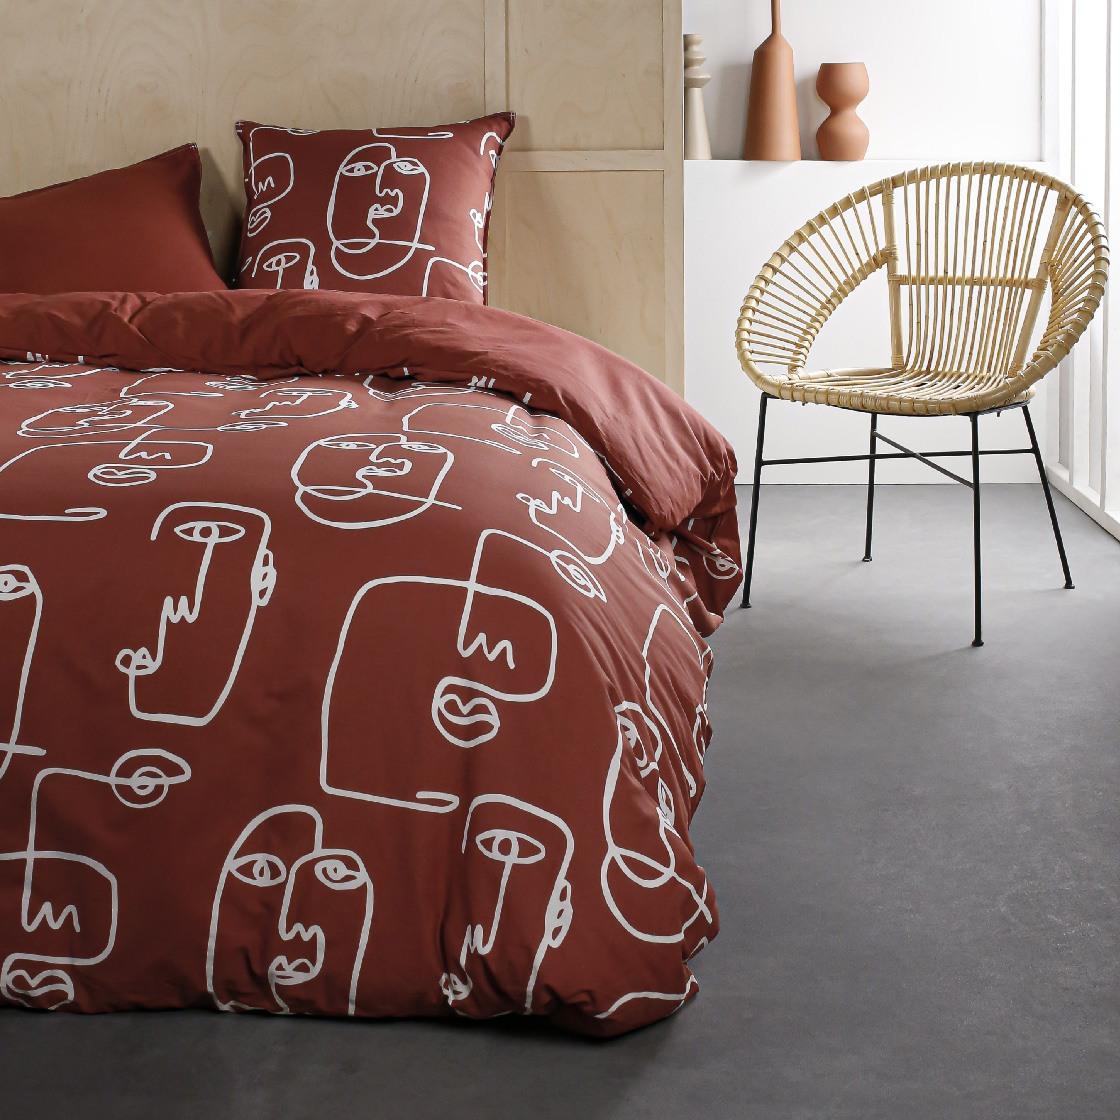 Parure de lit 2 personnes imprimé en Coton Rouge 220x240 cm